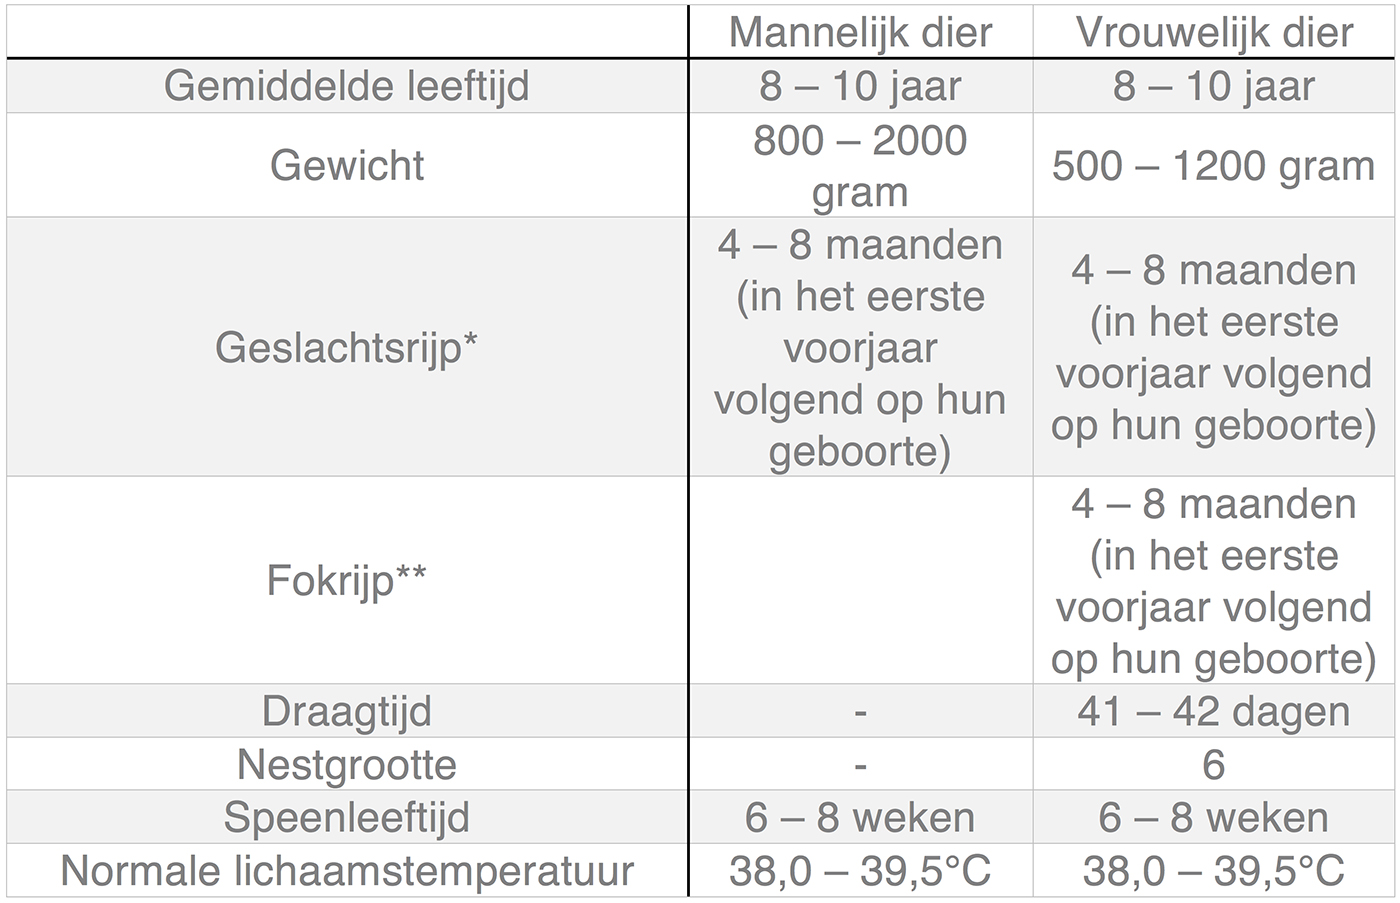 Dierenkliniek Tiel-Drumpt: In deze tabel kunt u algemene informatie terugvinden over de fret.